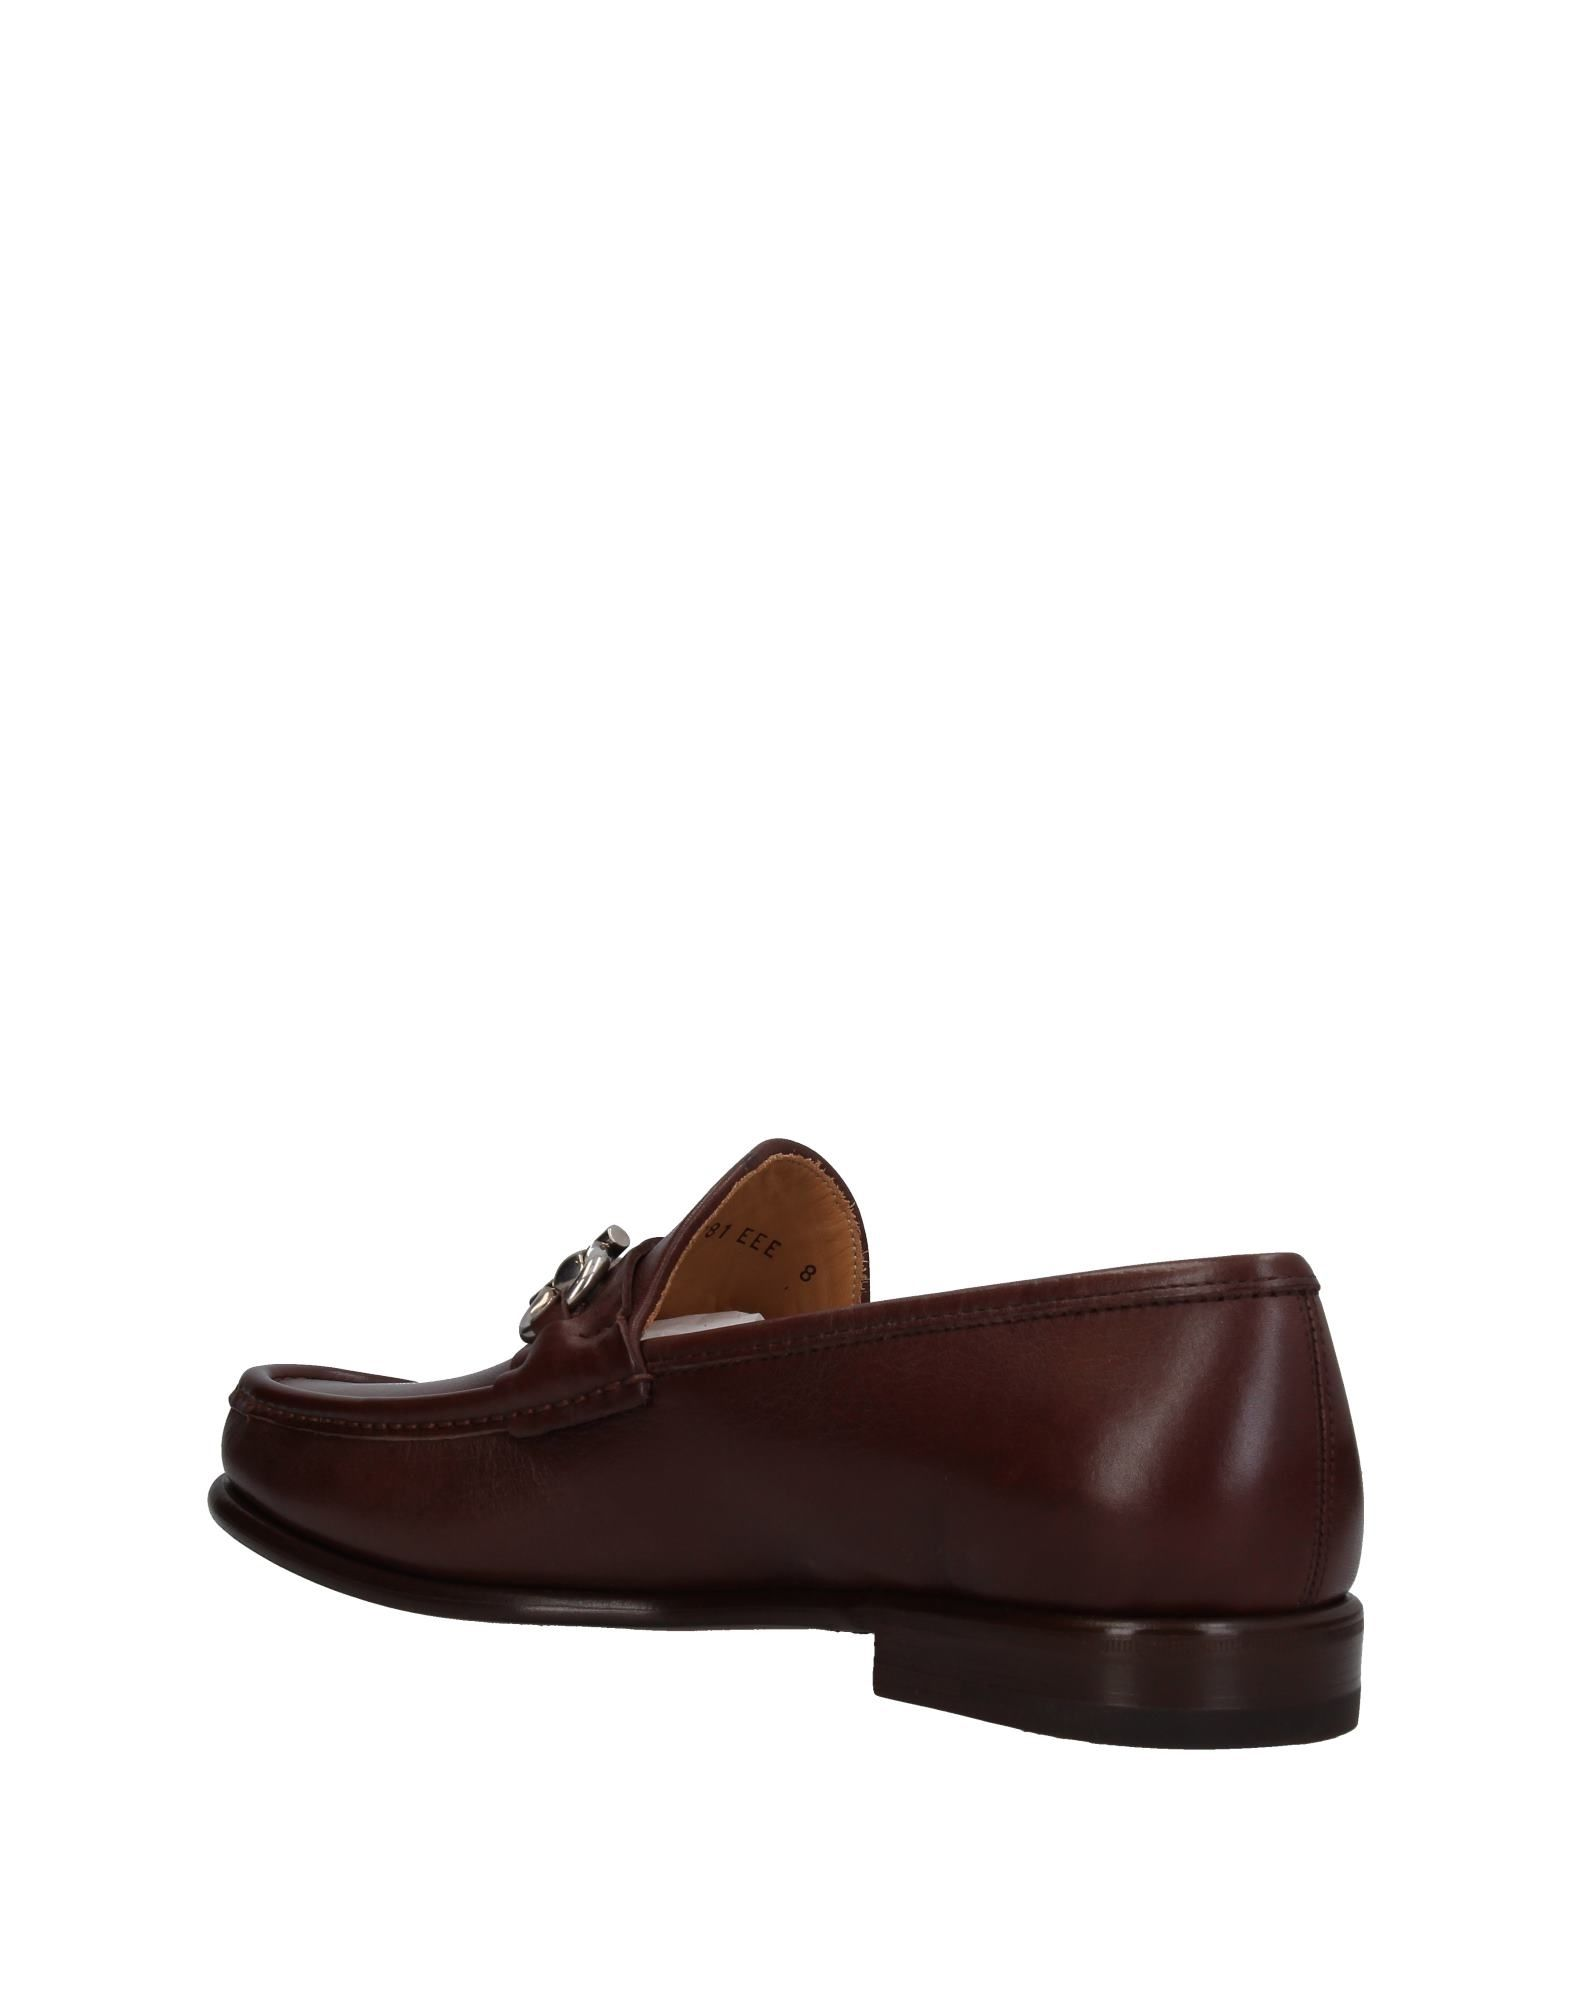 Salvatore Ferragamo Mokassins Herren  11385458CC Neue Schuhe